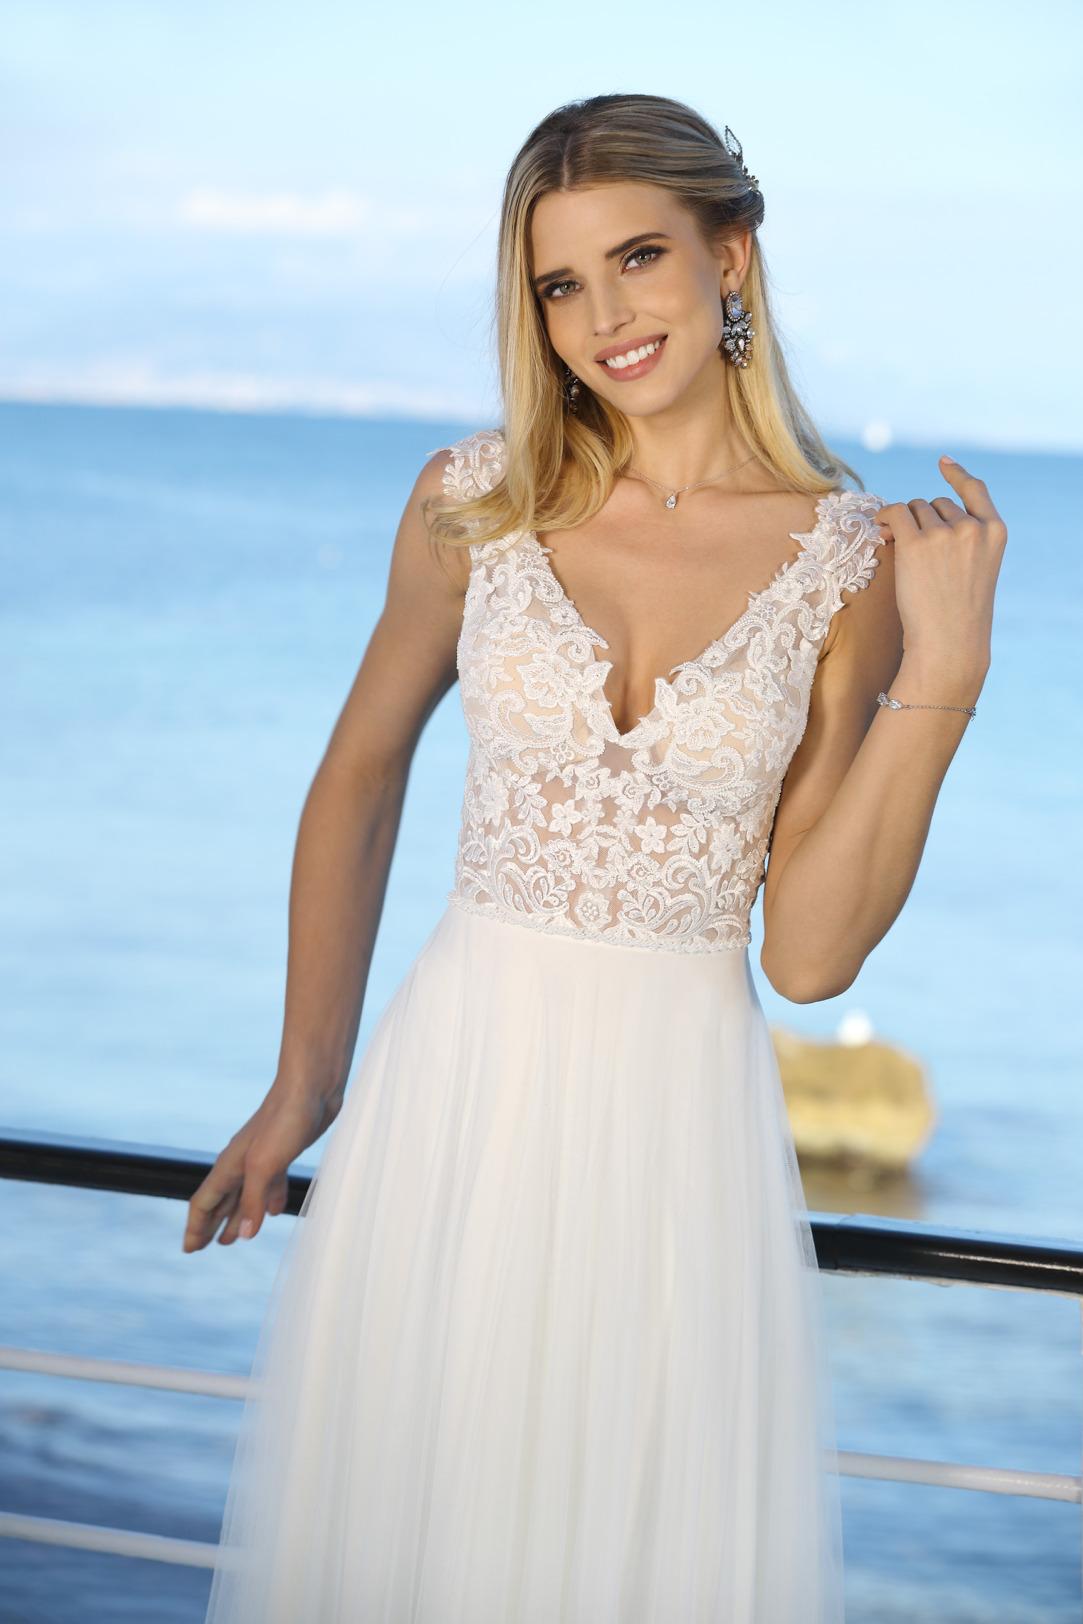 Hochzeitskleid im Vintage Boho Look. Brautkleid im Empire Stil von Ladybird Modell 321013 nur leicht transparente Spitze im Oberteil mit V Ausschnitt und breiten Trägern hier mal ohne Strass und Perlen